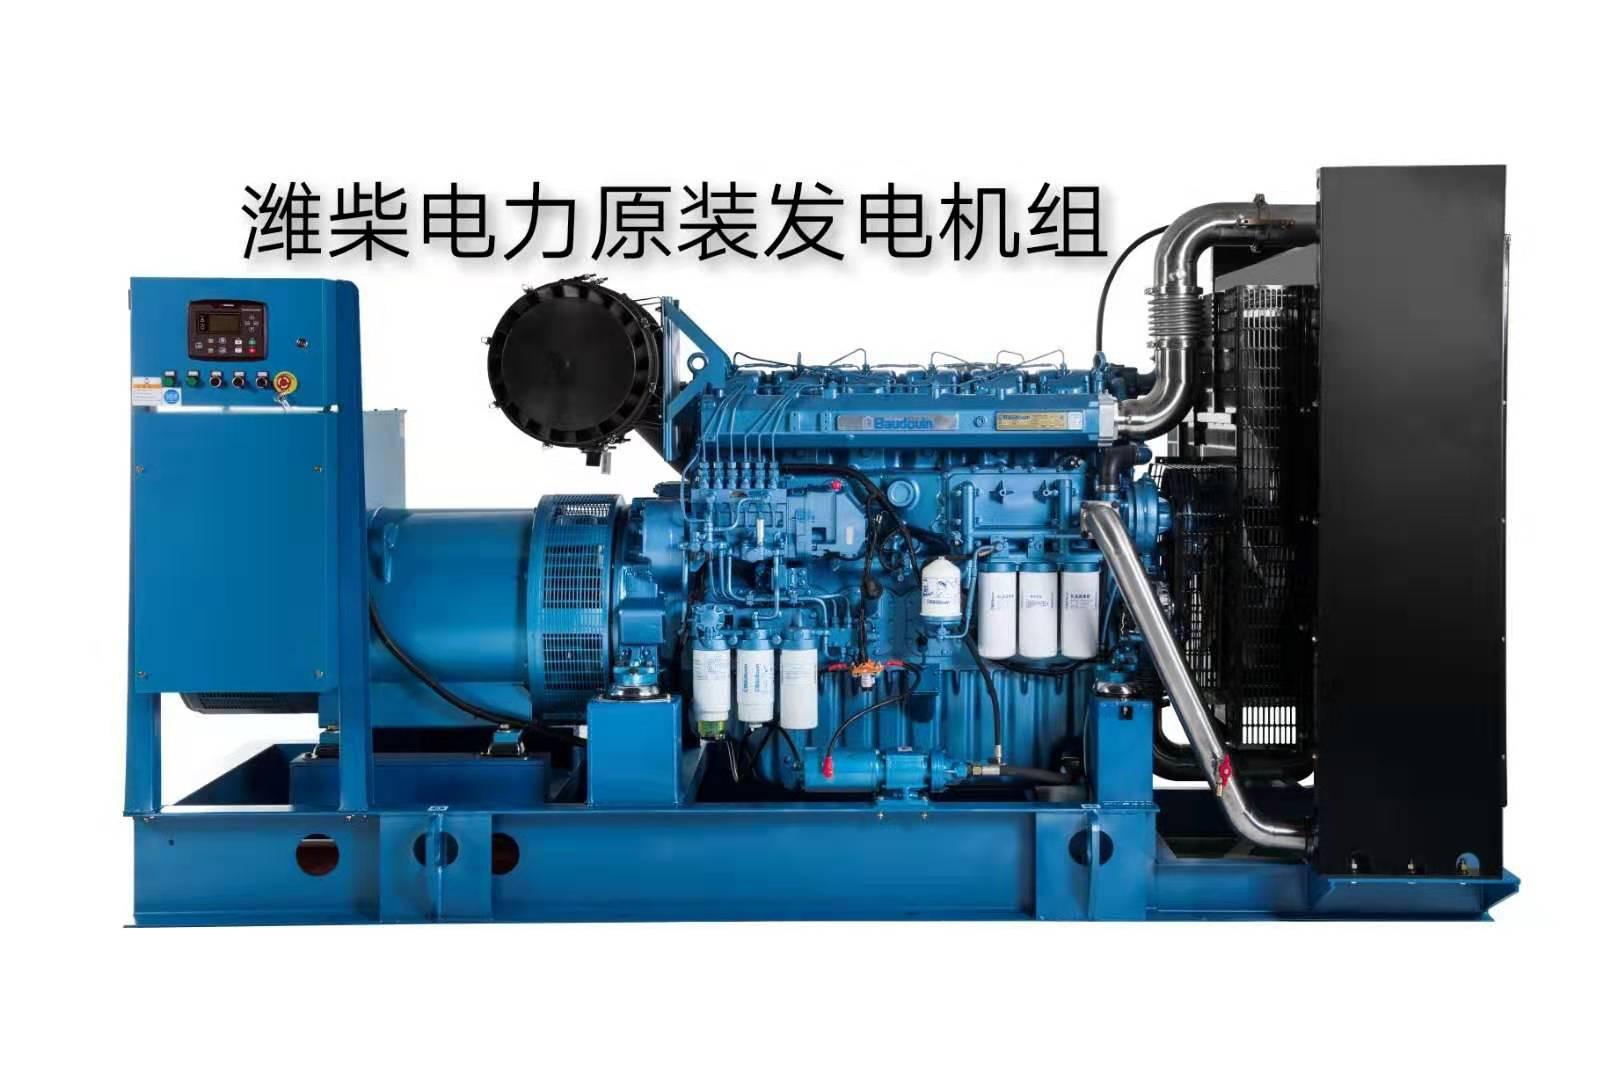 潍柴500kw柴油发电机组-原装潍柴发电机组型号WPG687.5B7厂家供应